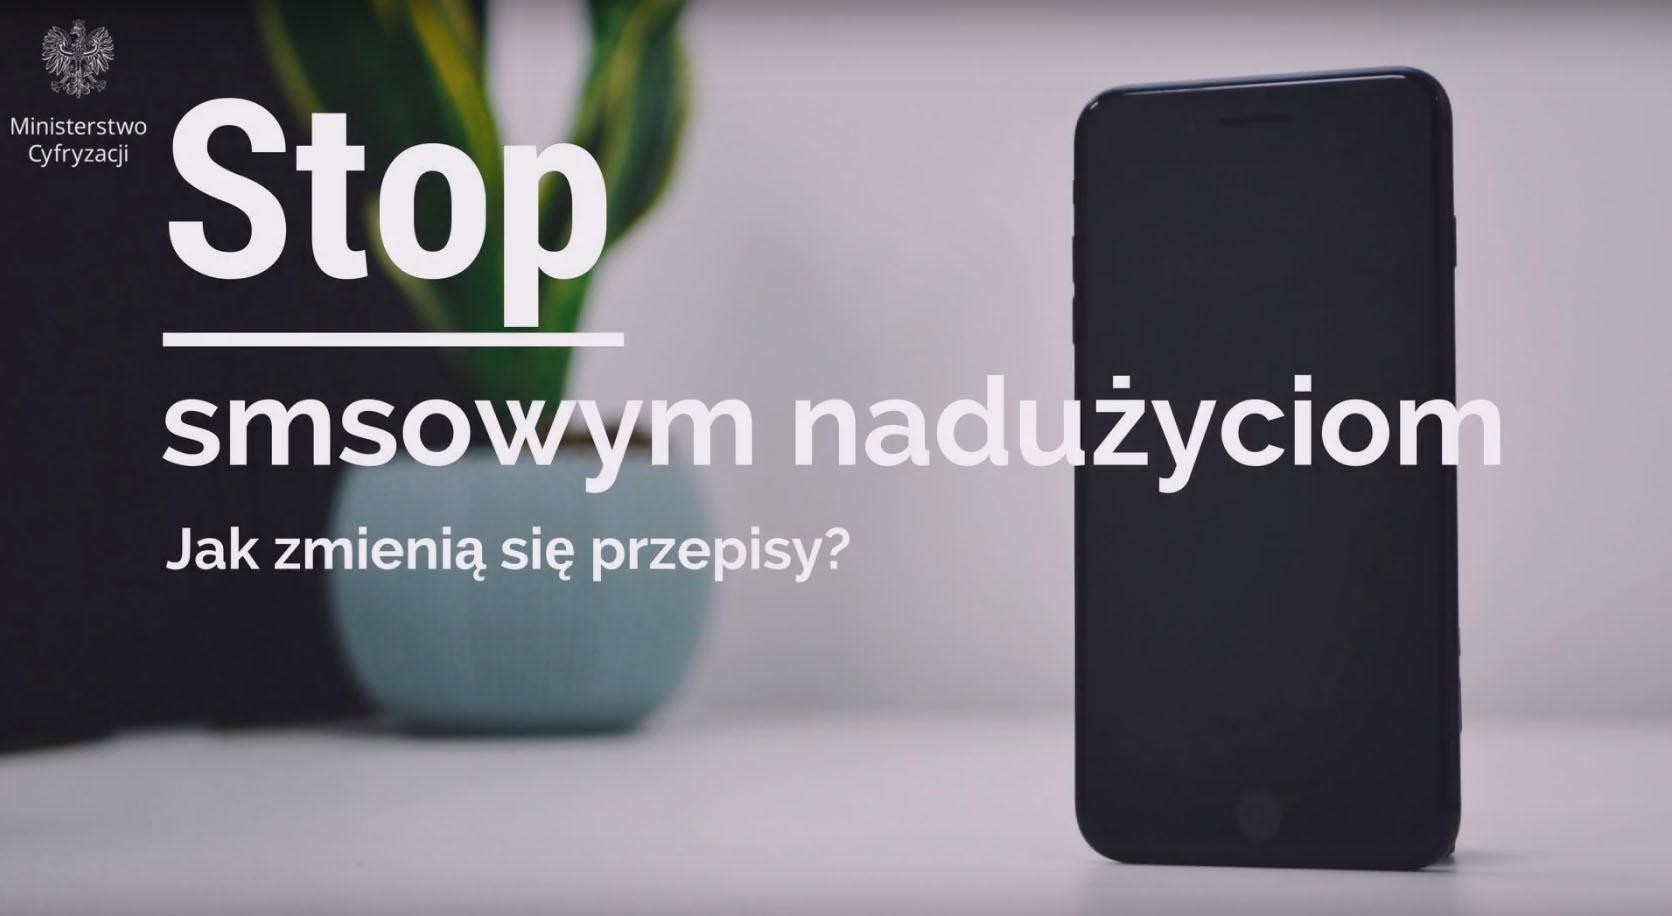 sms premium - ministerstwo cyfryzacji